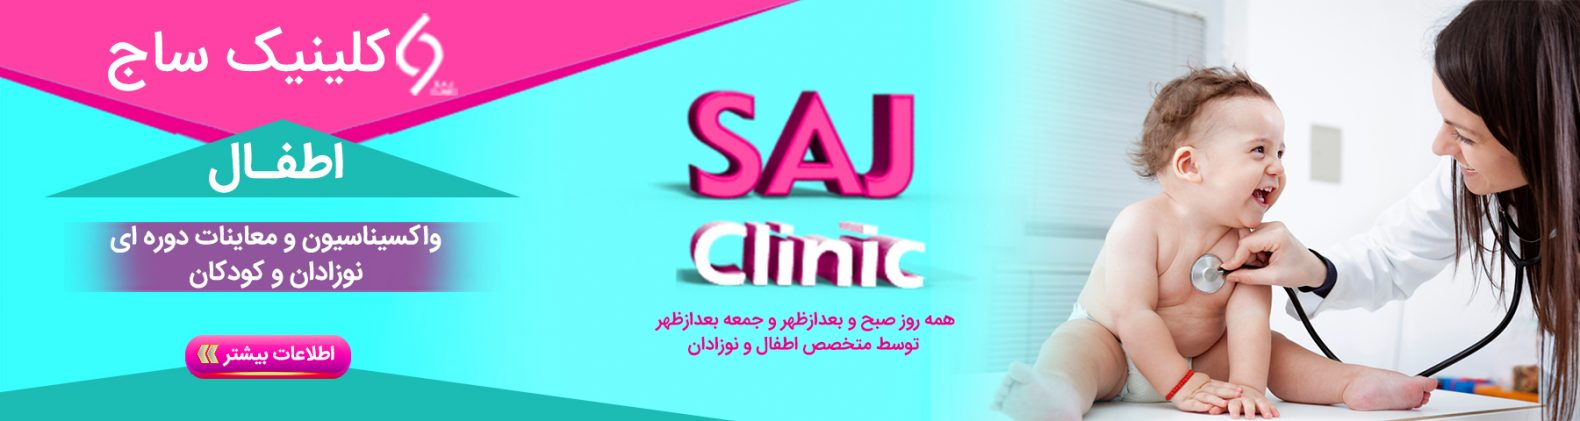 اسلاید-شو-کلینیک-ساج-اطفال—آرین (3)